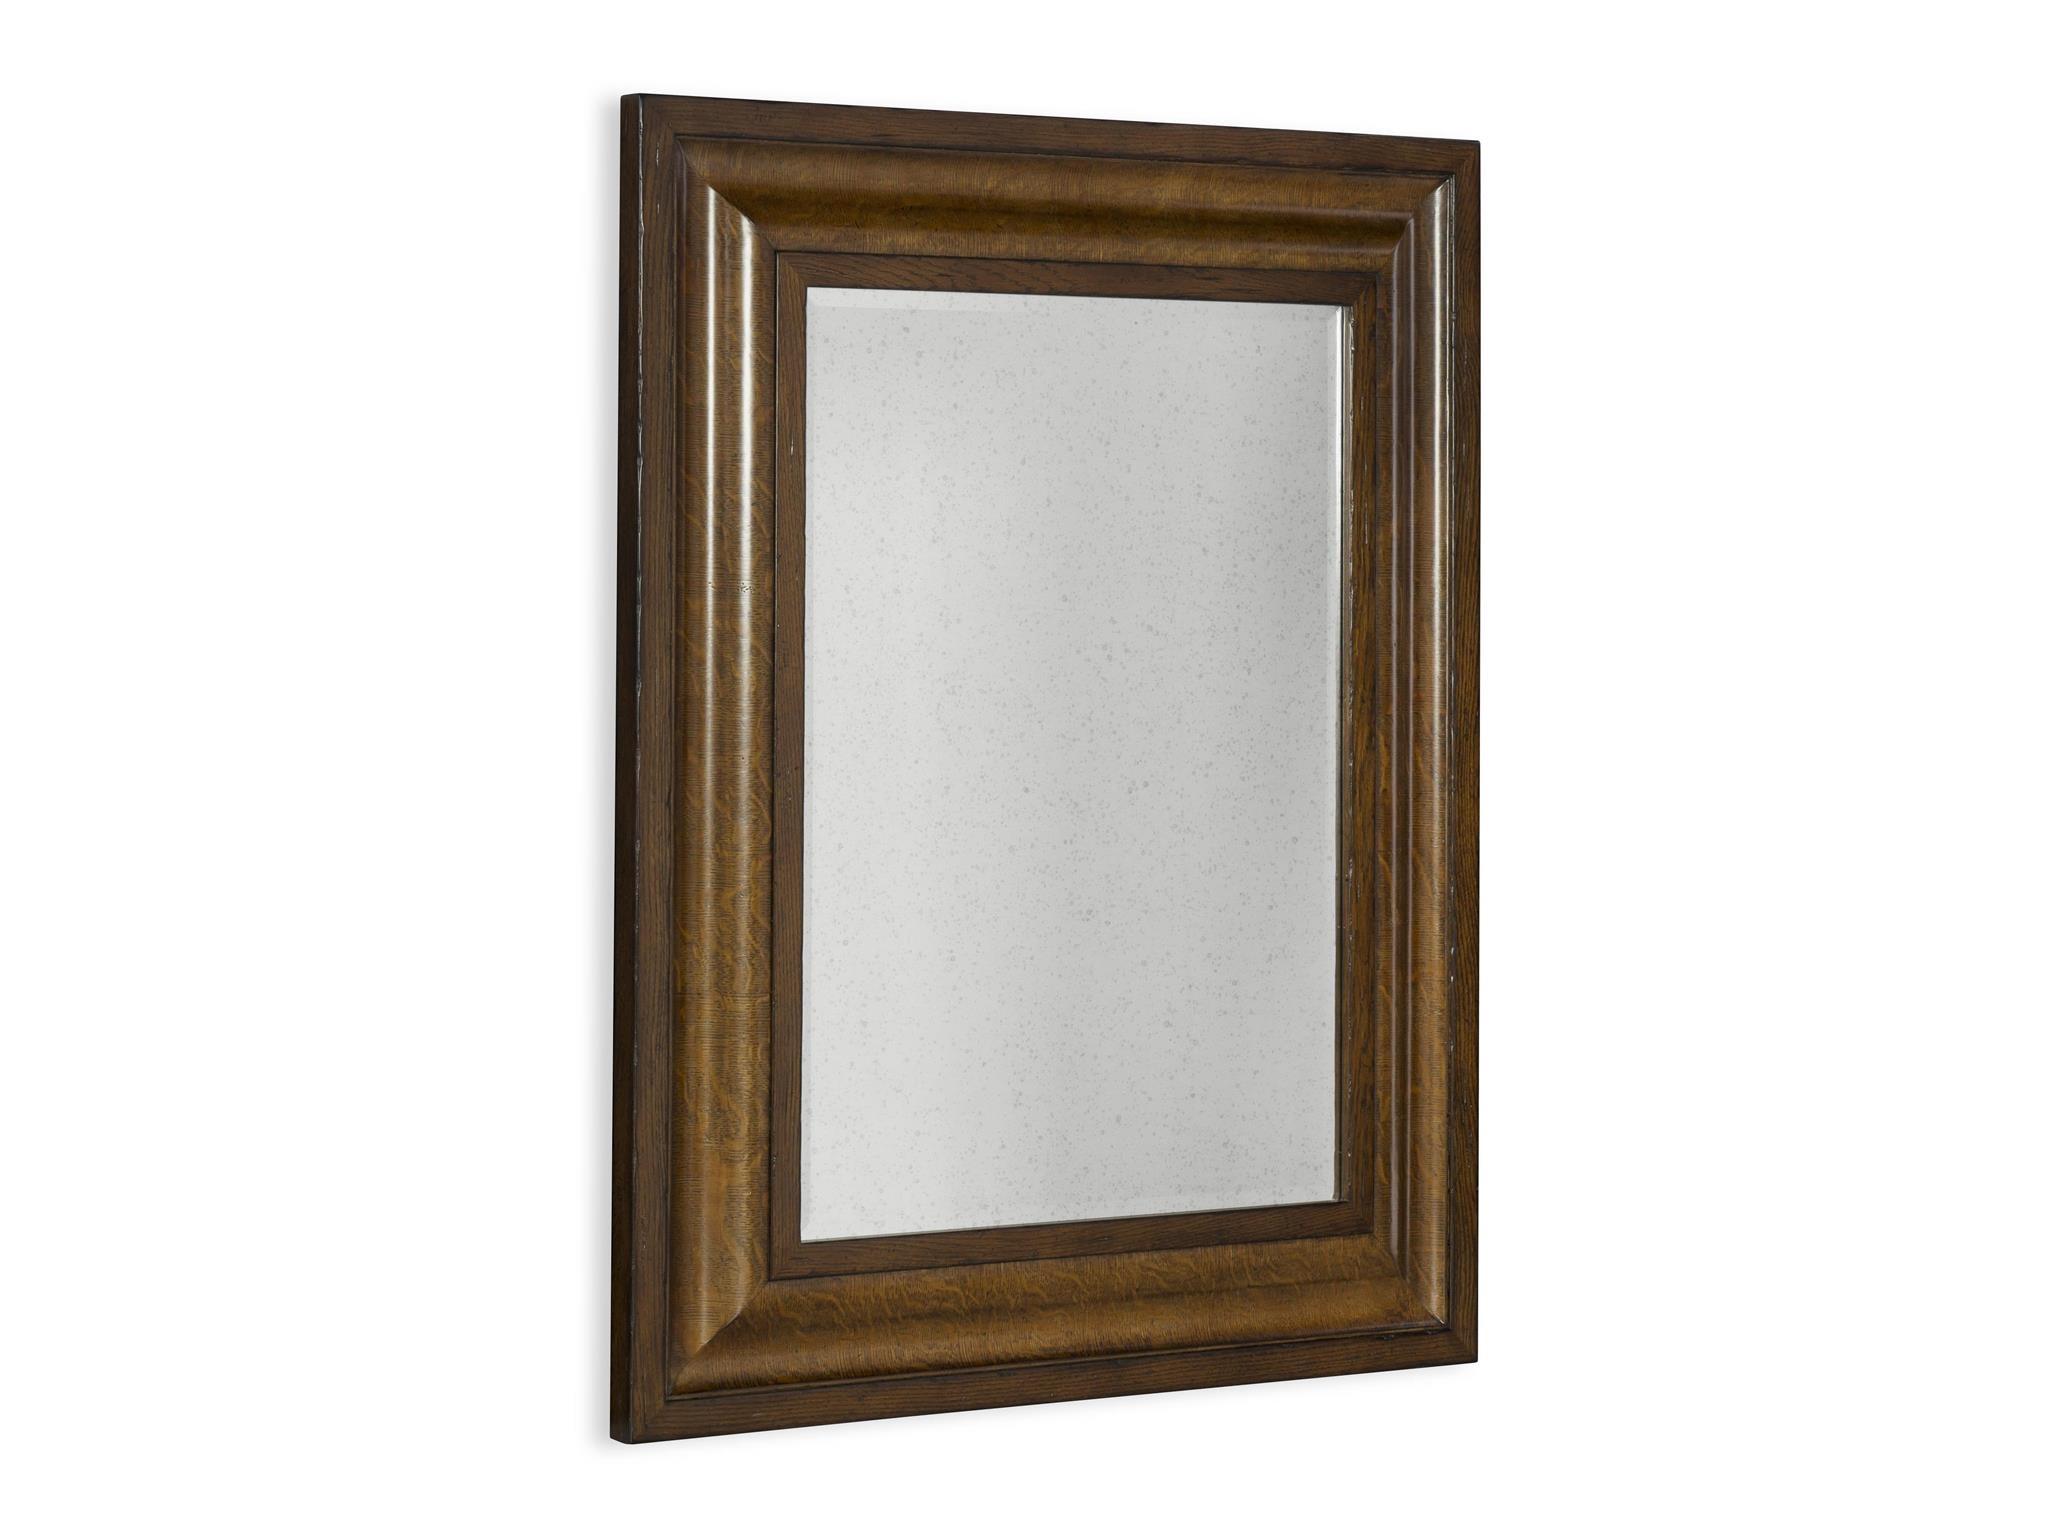 1740 950. Reserve Mirror